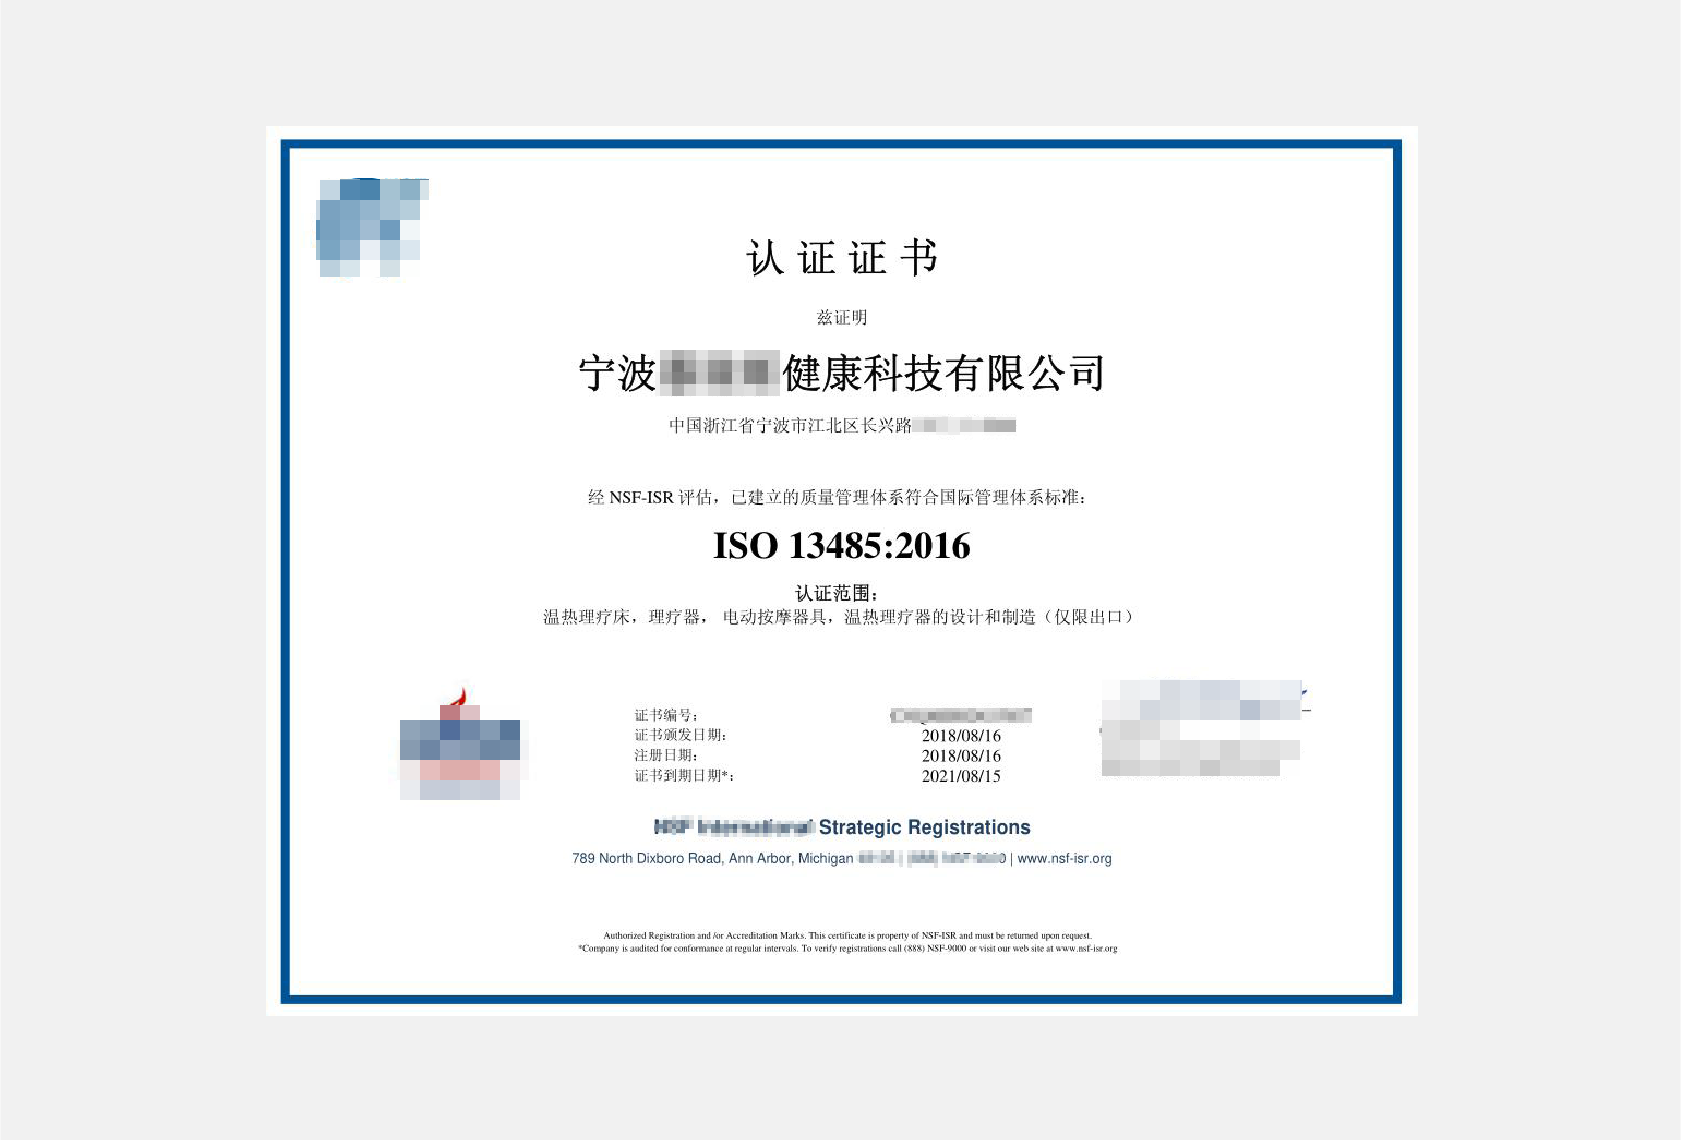 【医疗行业必备】ISO13485医疗器械质量管理体系认证证书